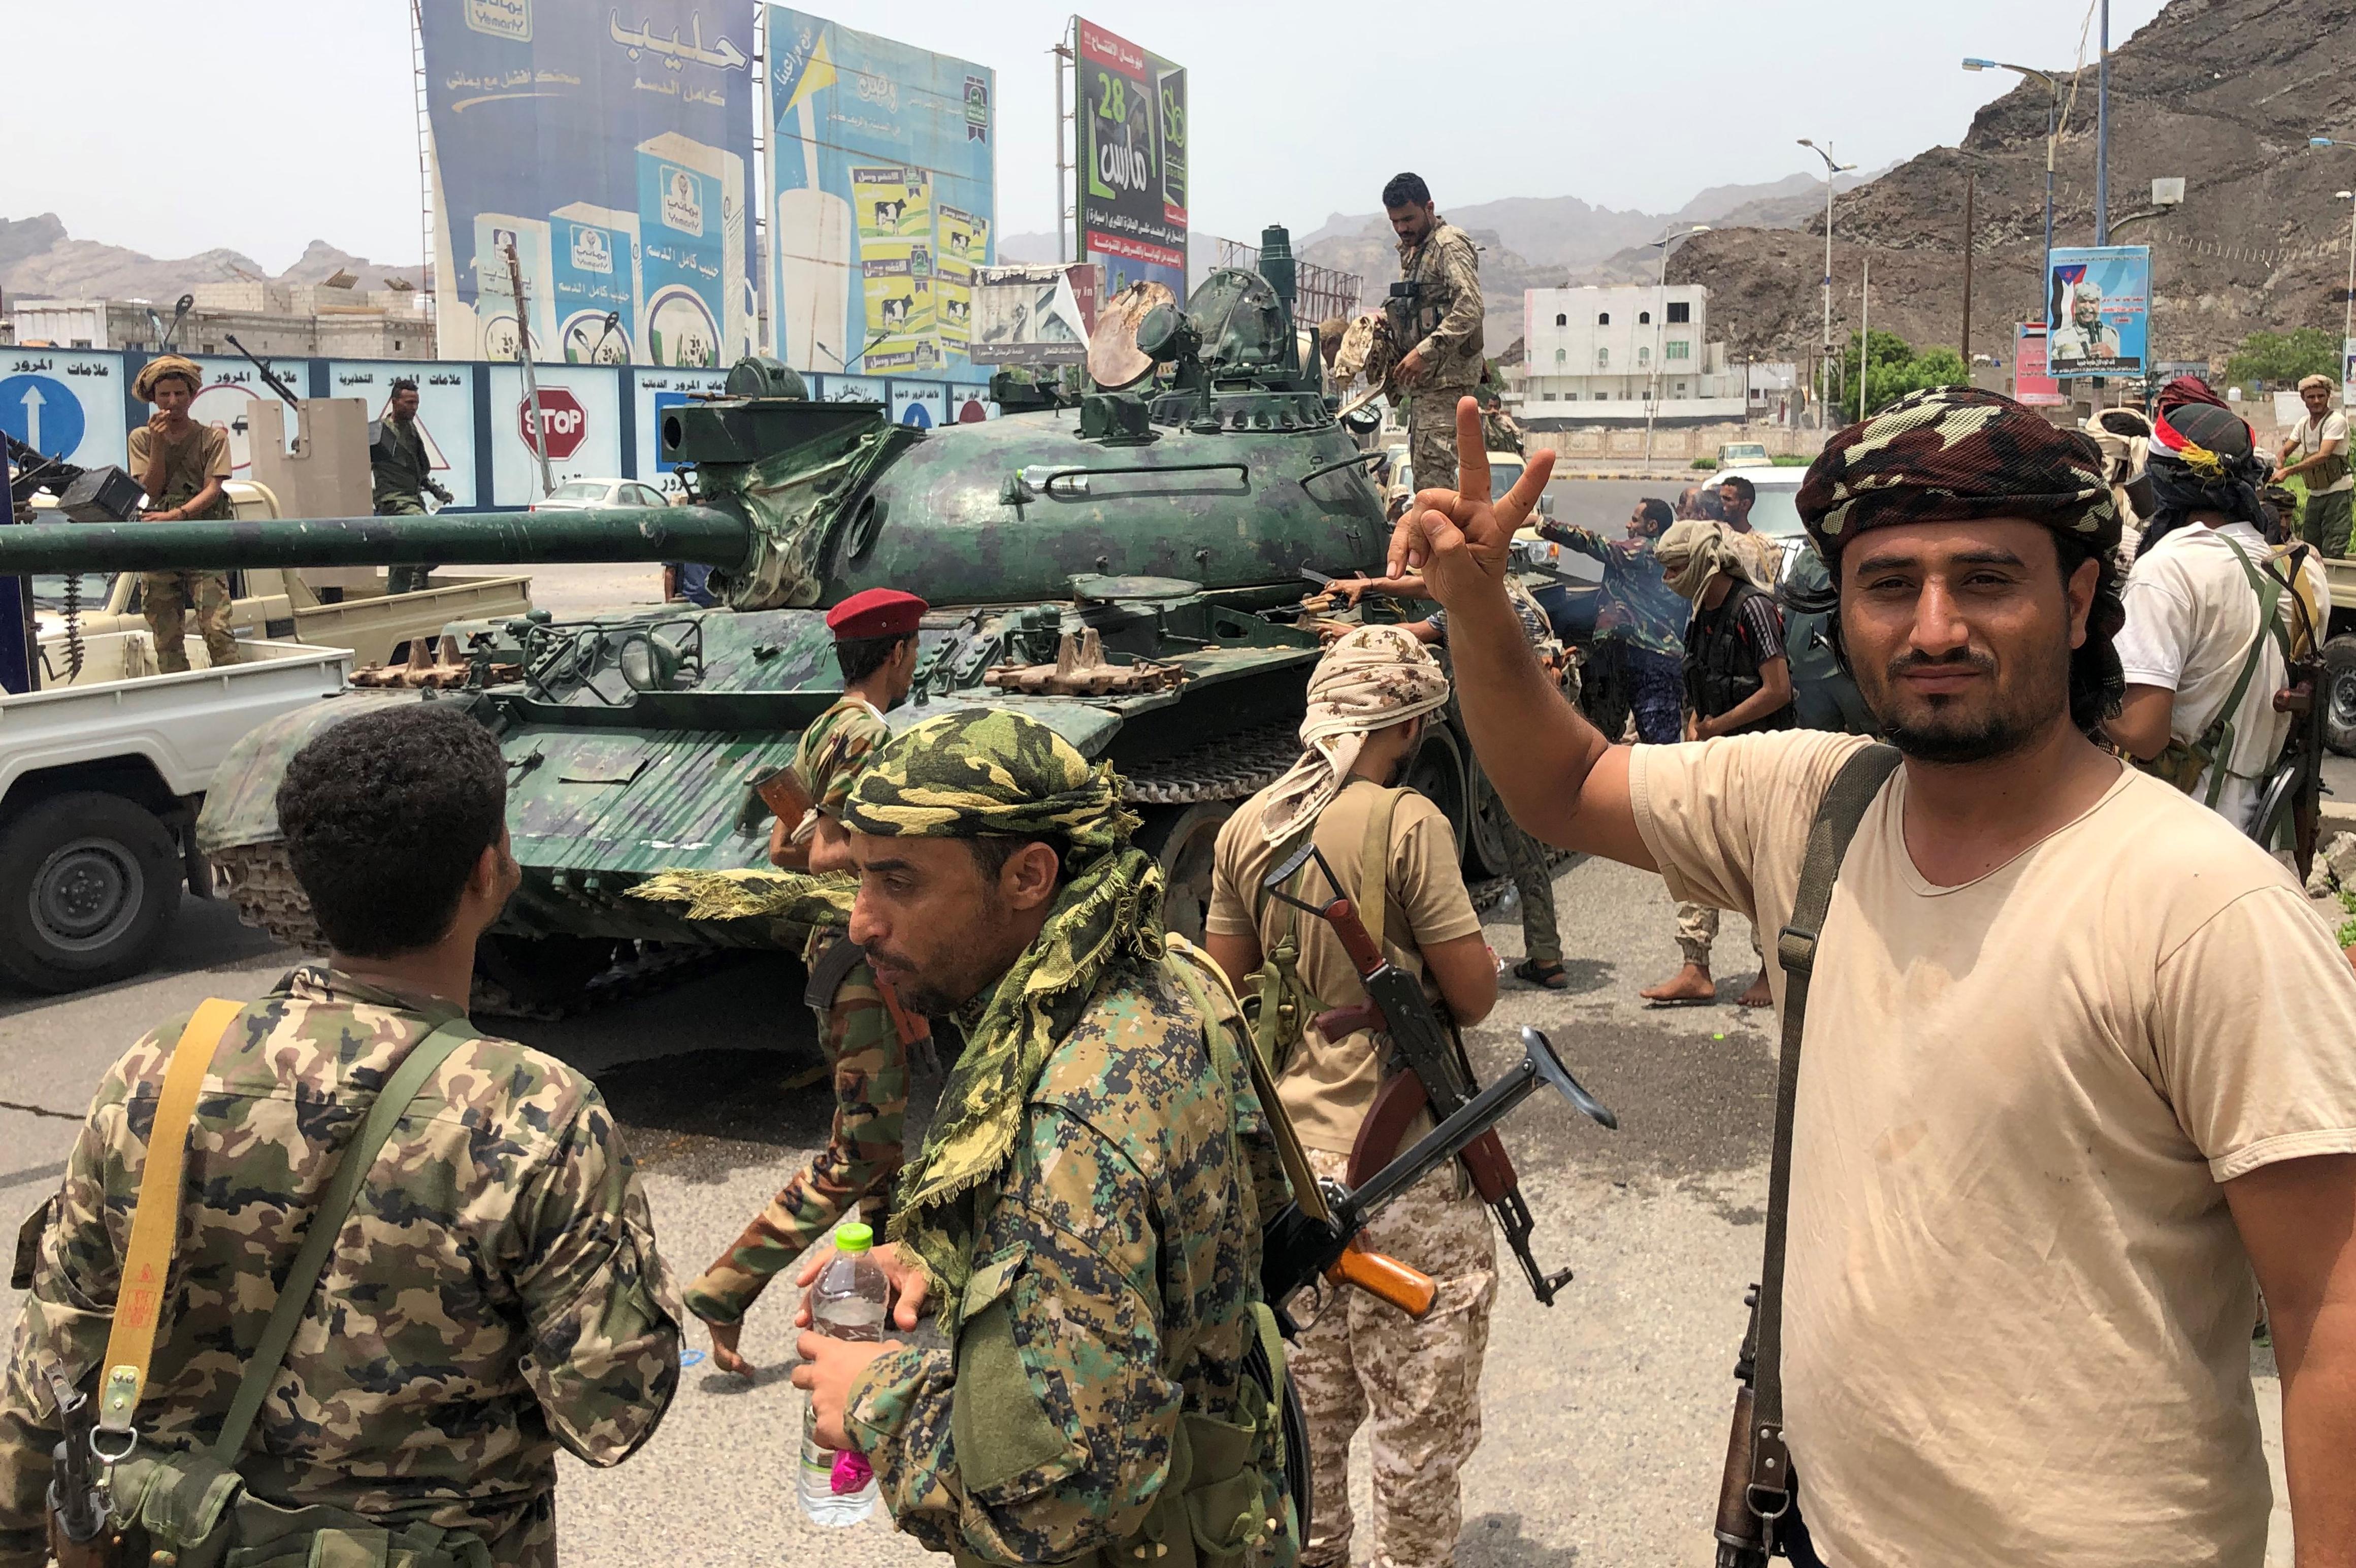 مؤيدون للانفصاليين جنوب اليمن في صورة بجانب دبابة في عدن بتاريخ 10 أغسطس 2019